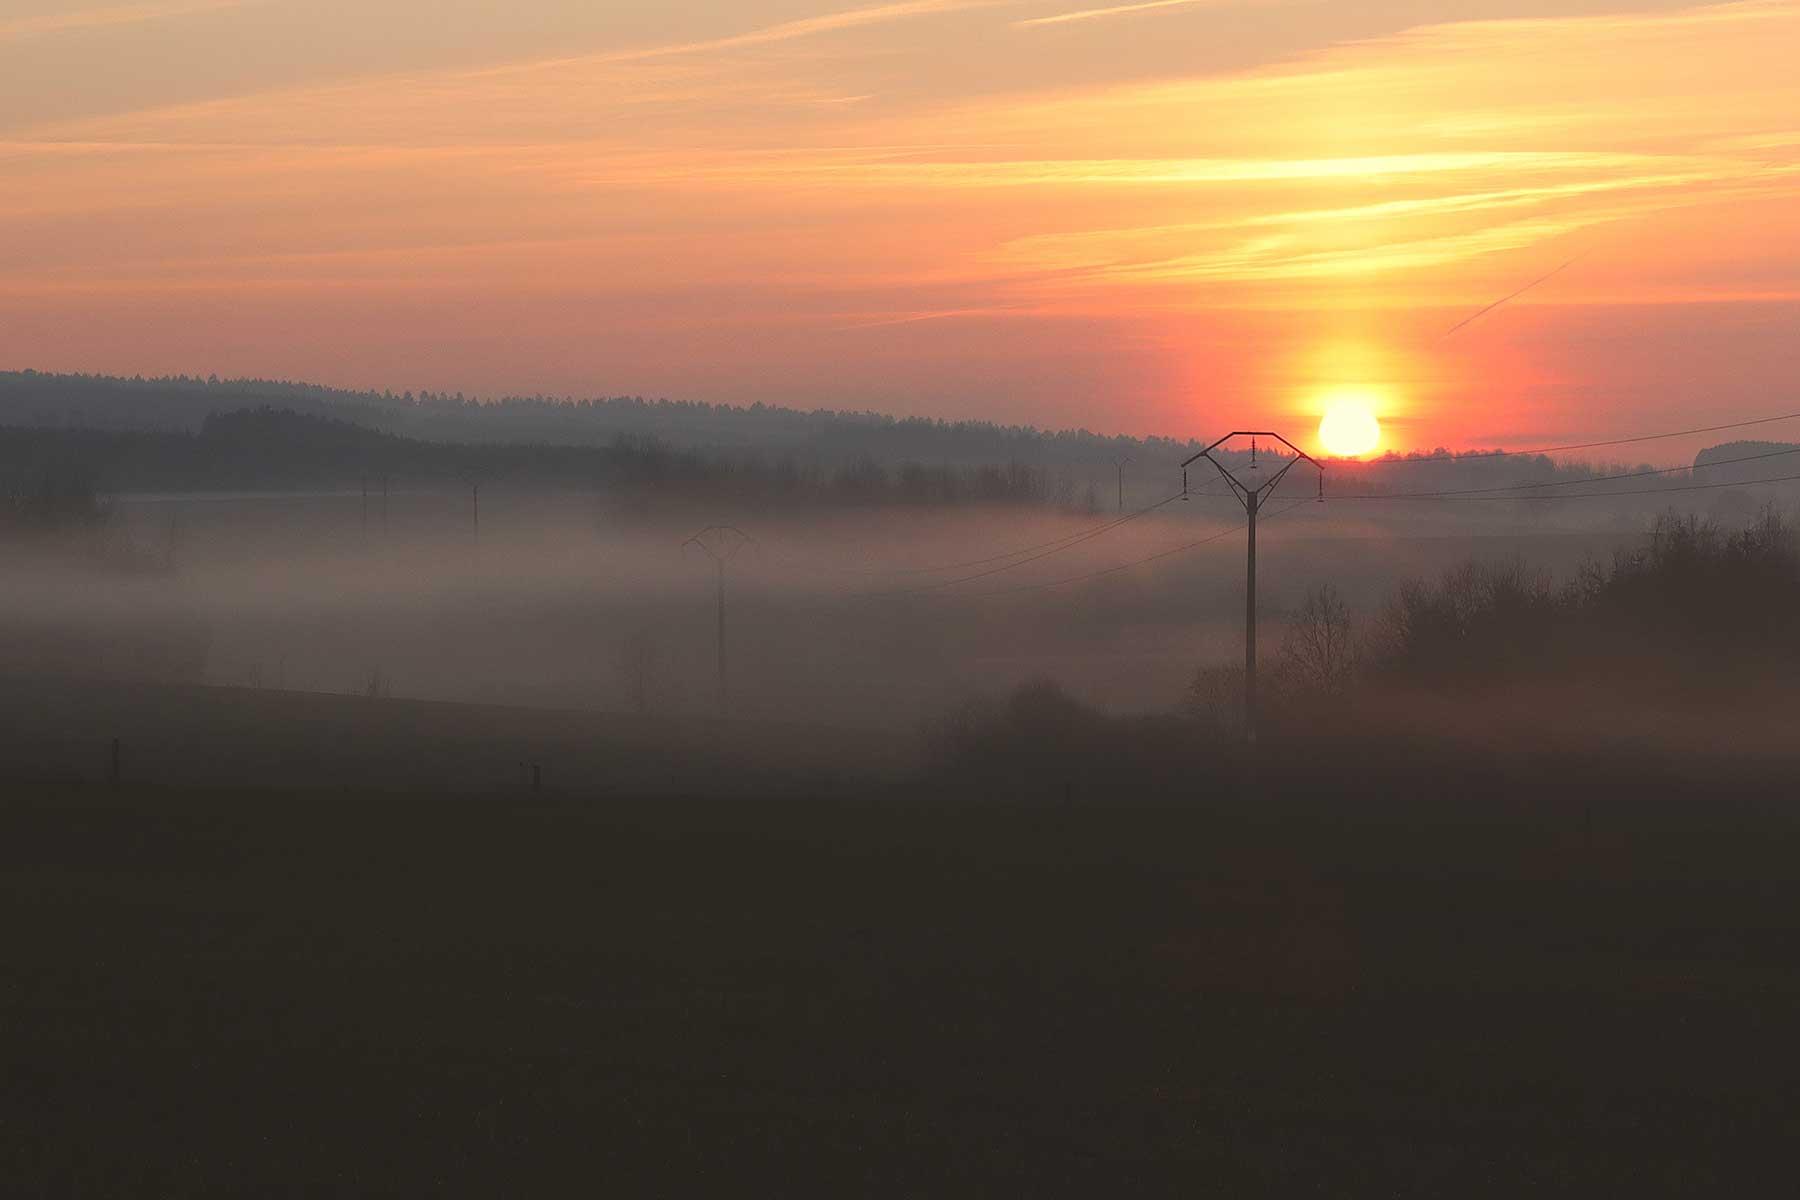 rundresa-champagne-ardenne-Nygren-Lind-Resebyrå-solnedgång